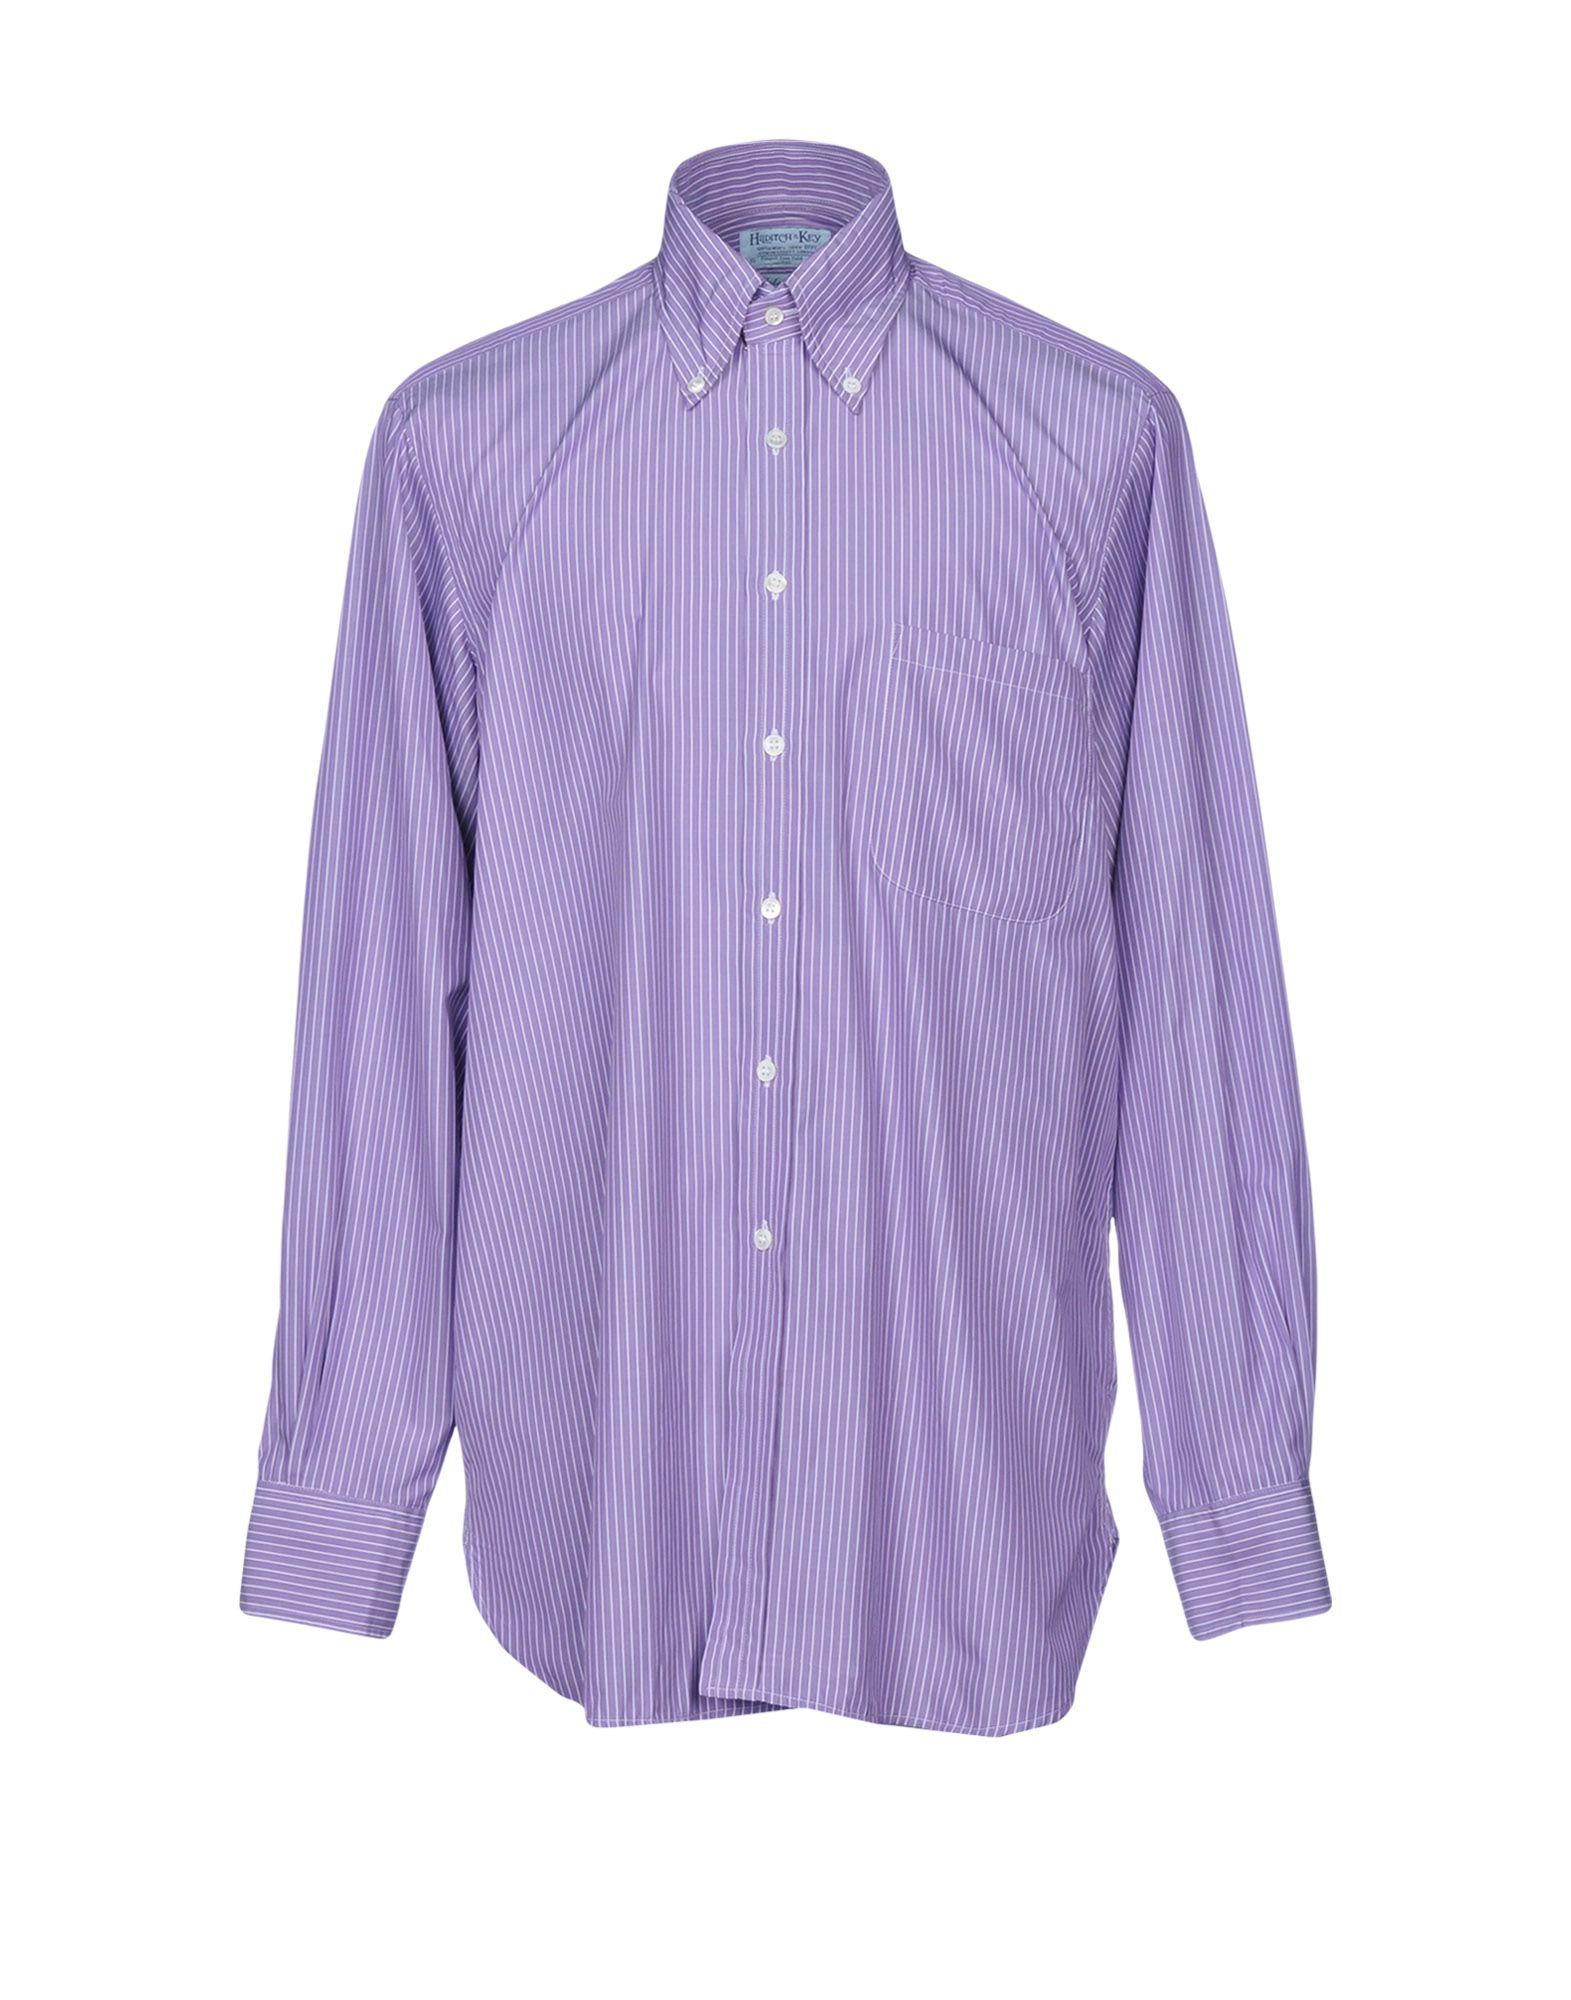 HILDITCH & KEY Striped Shirt in Purple